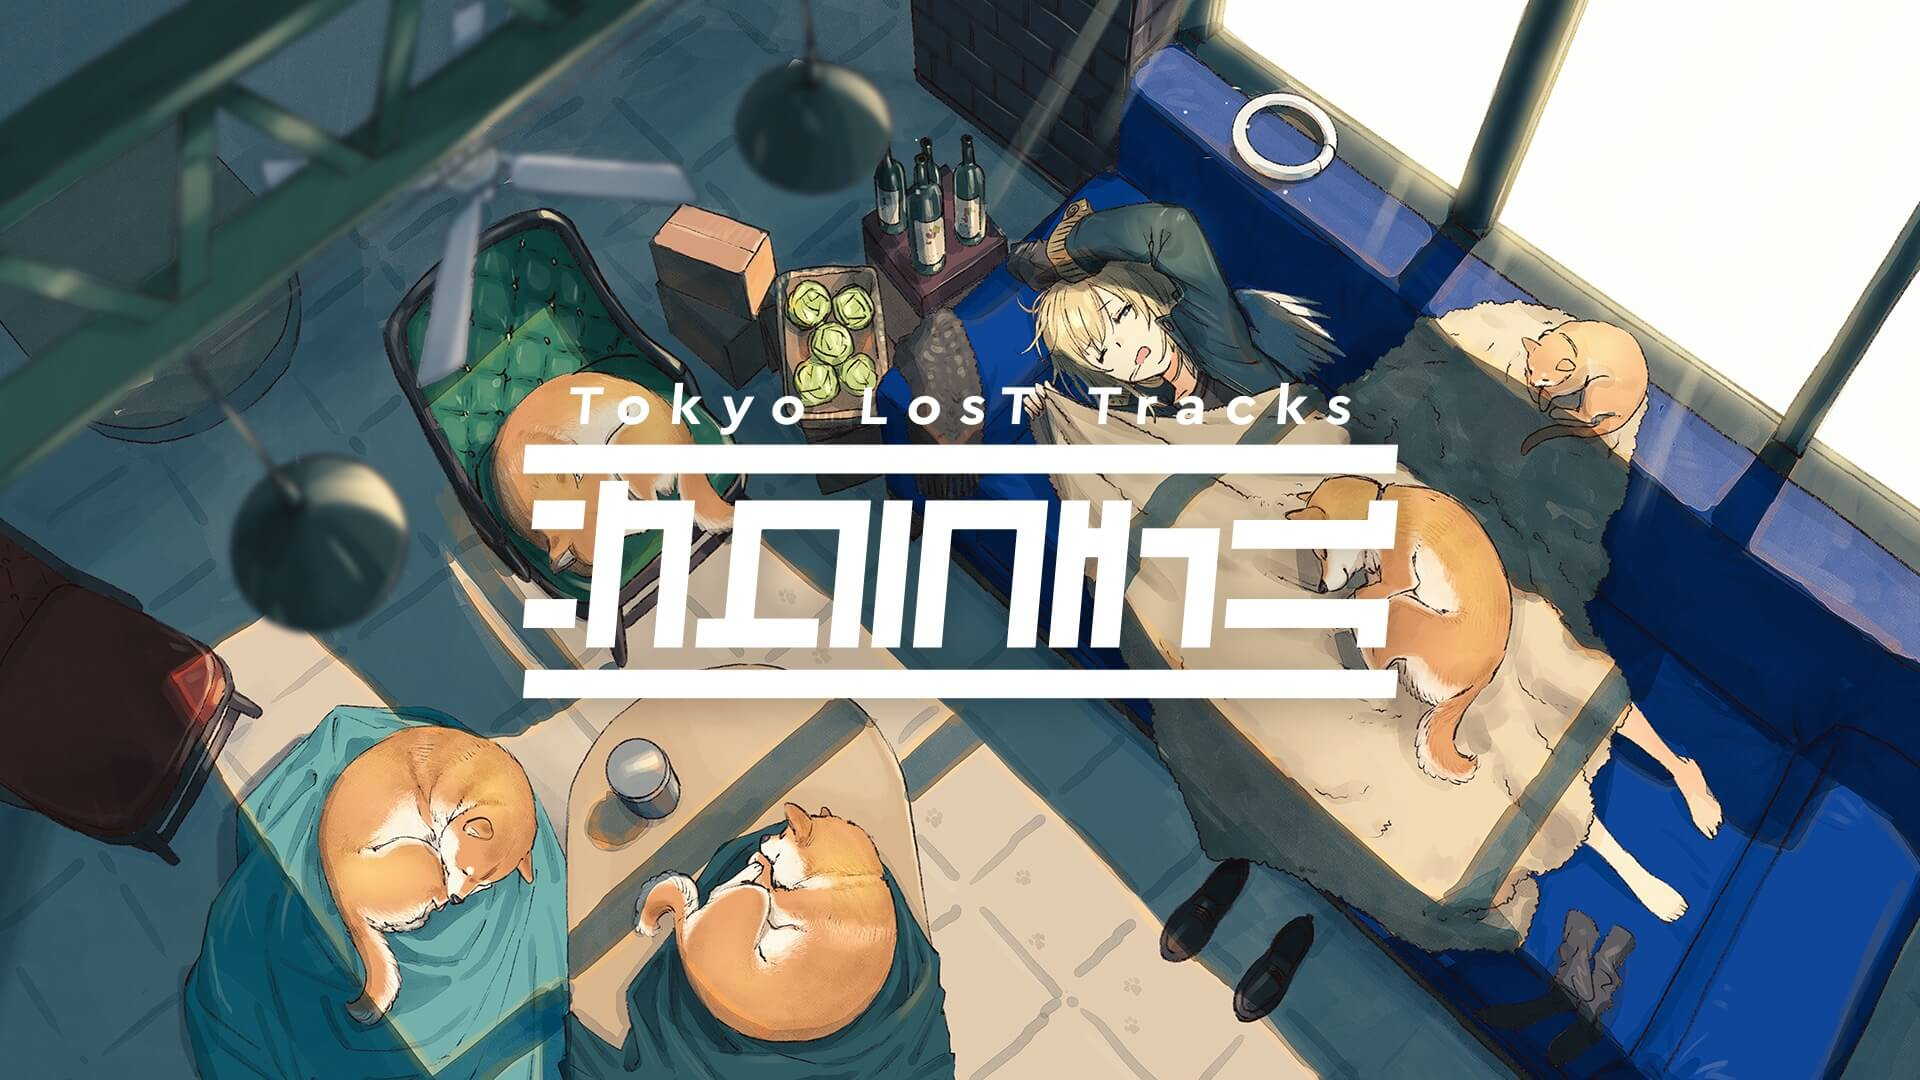 Stay Homeのお供に!Lo-Fi Beatsチャンネル「Tokyo LosT Tracks -サクラチル-」に新曲&新イラスト追加 music200514_sakurachill_01